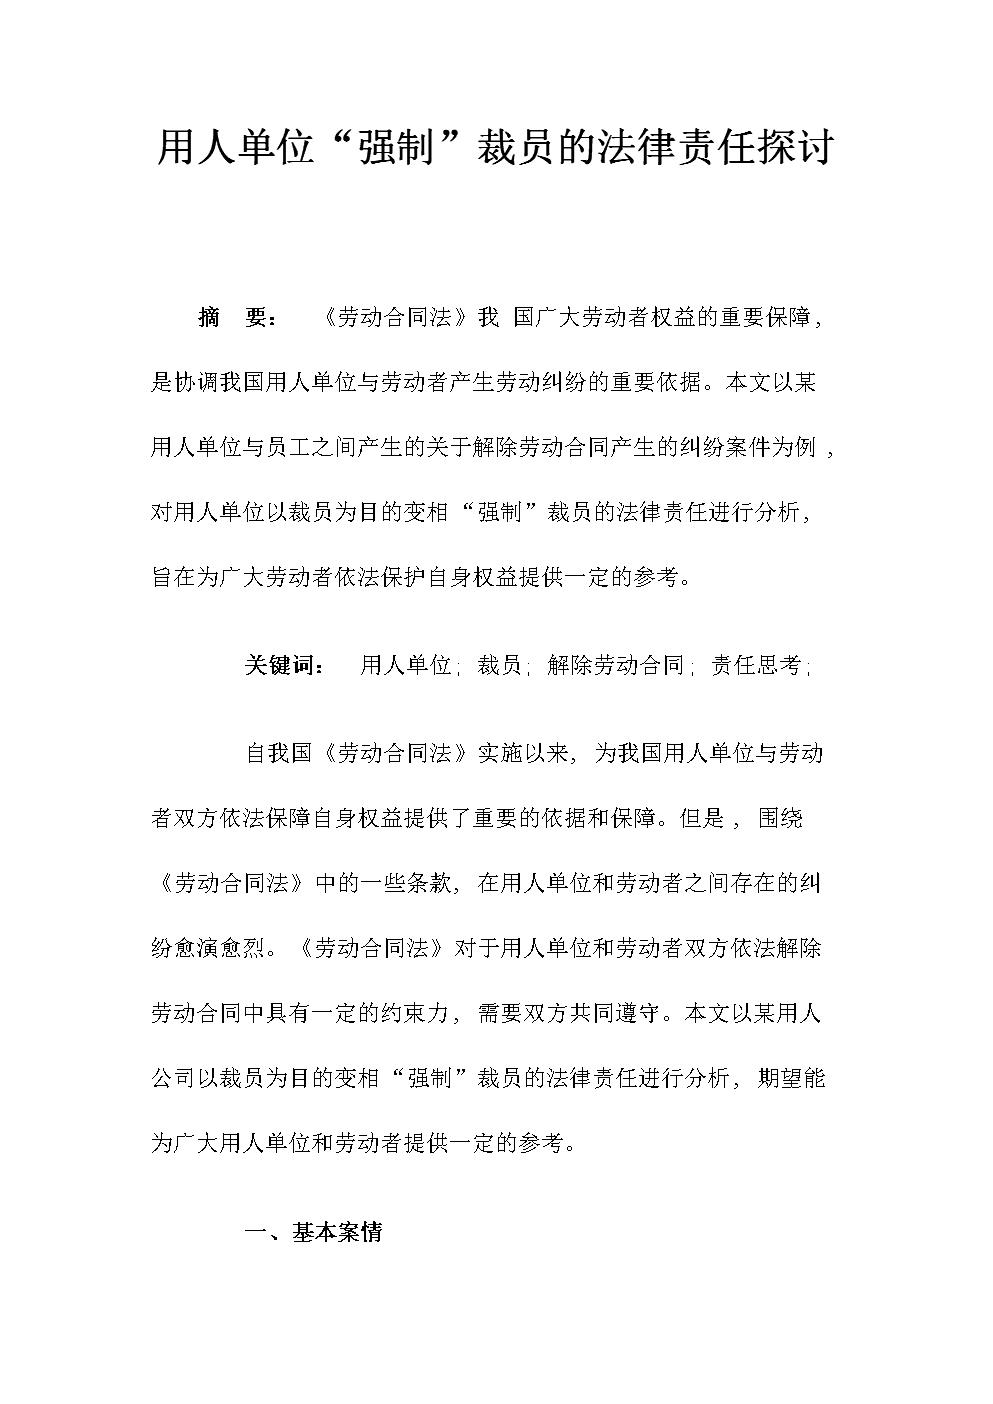 """2019用人单位""""强制""""裁员的法律责任探讨.docx"""